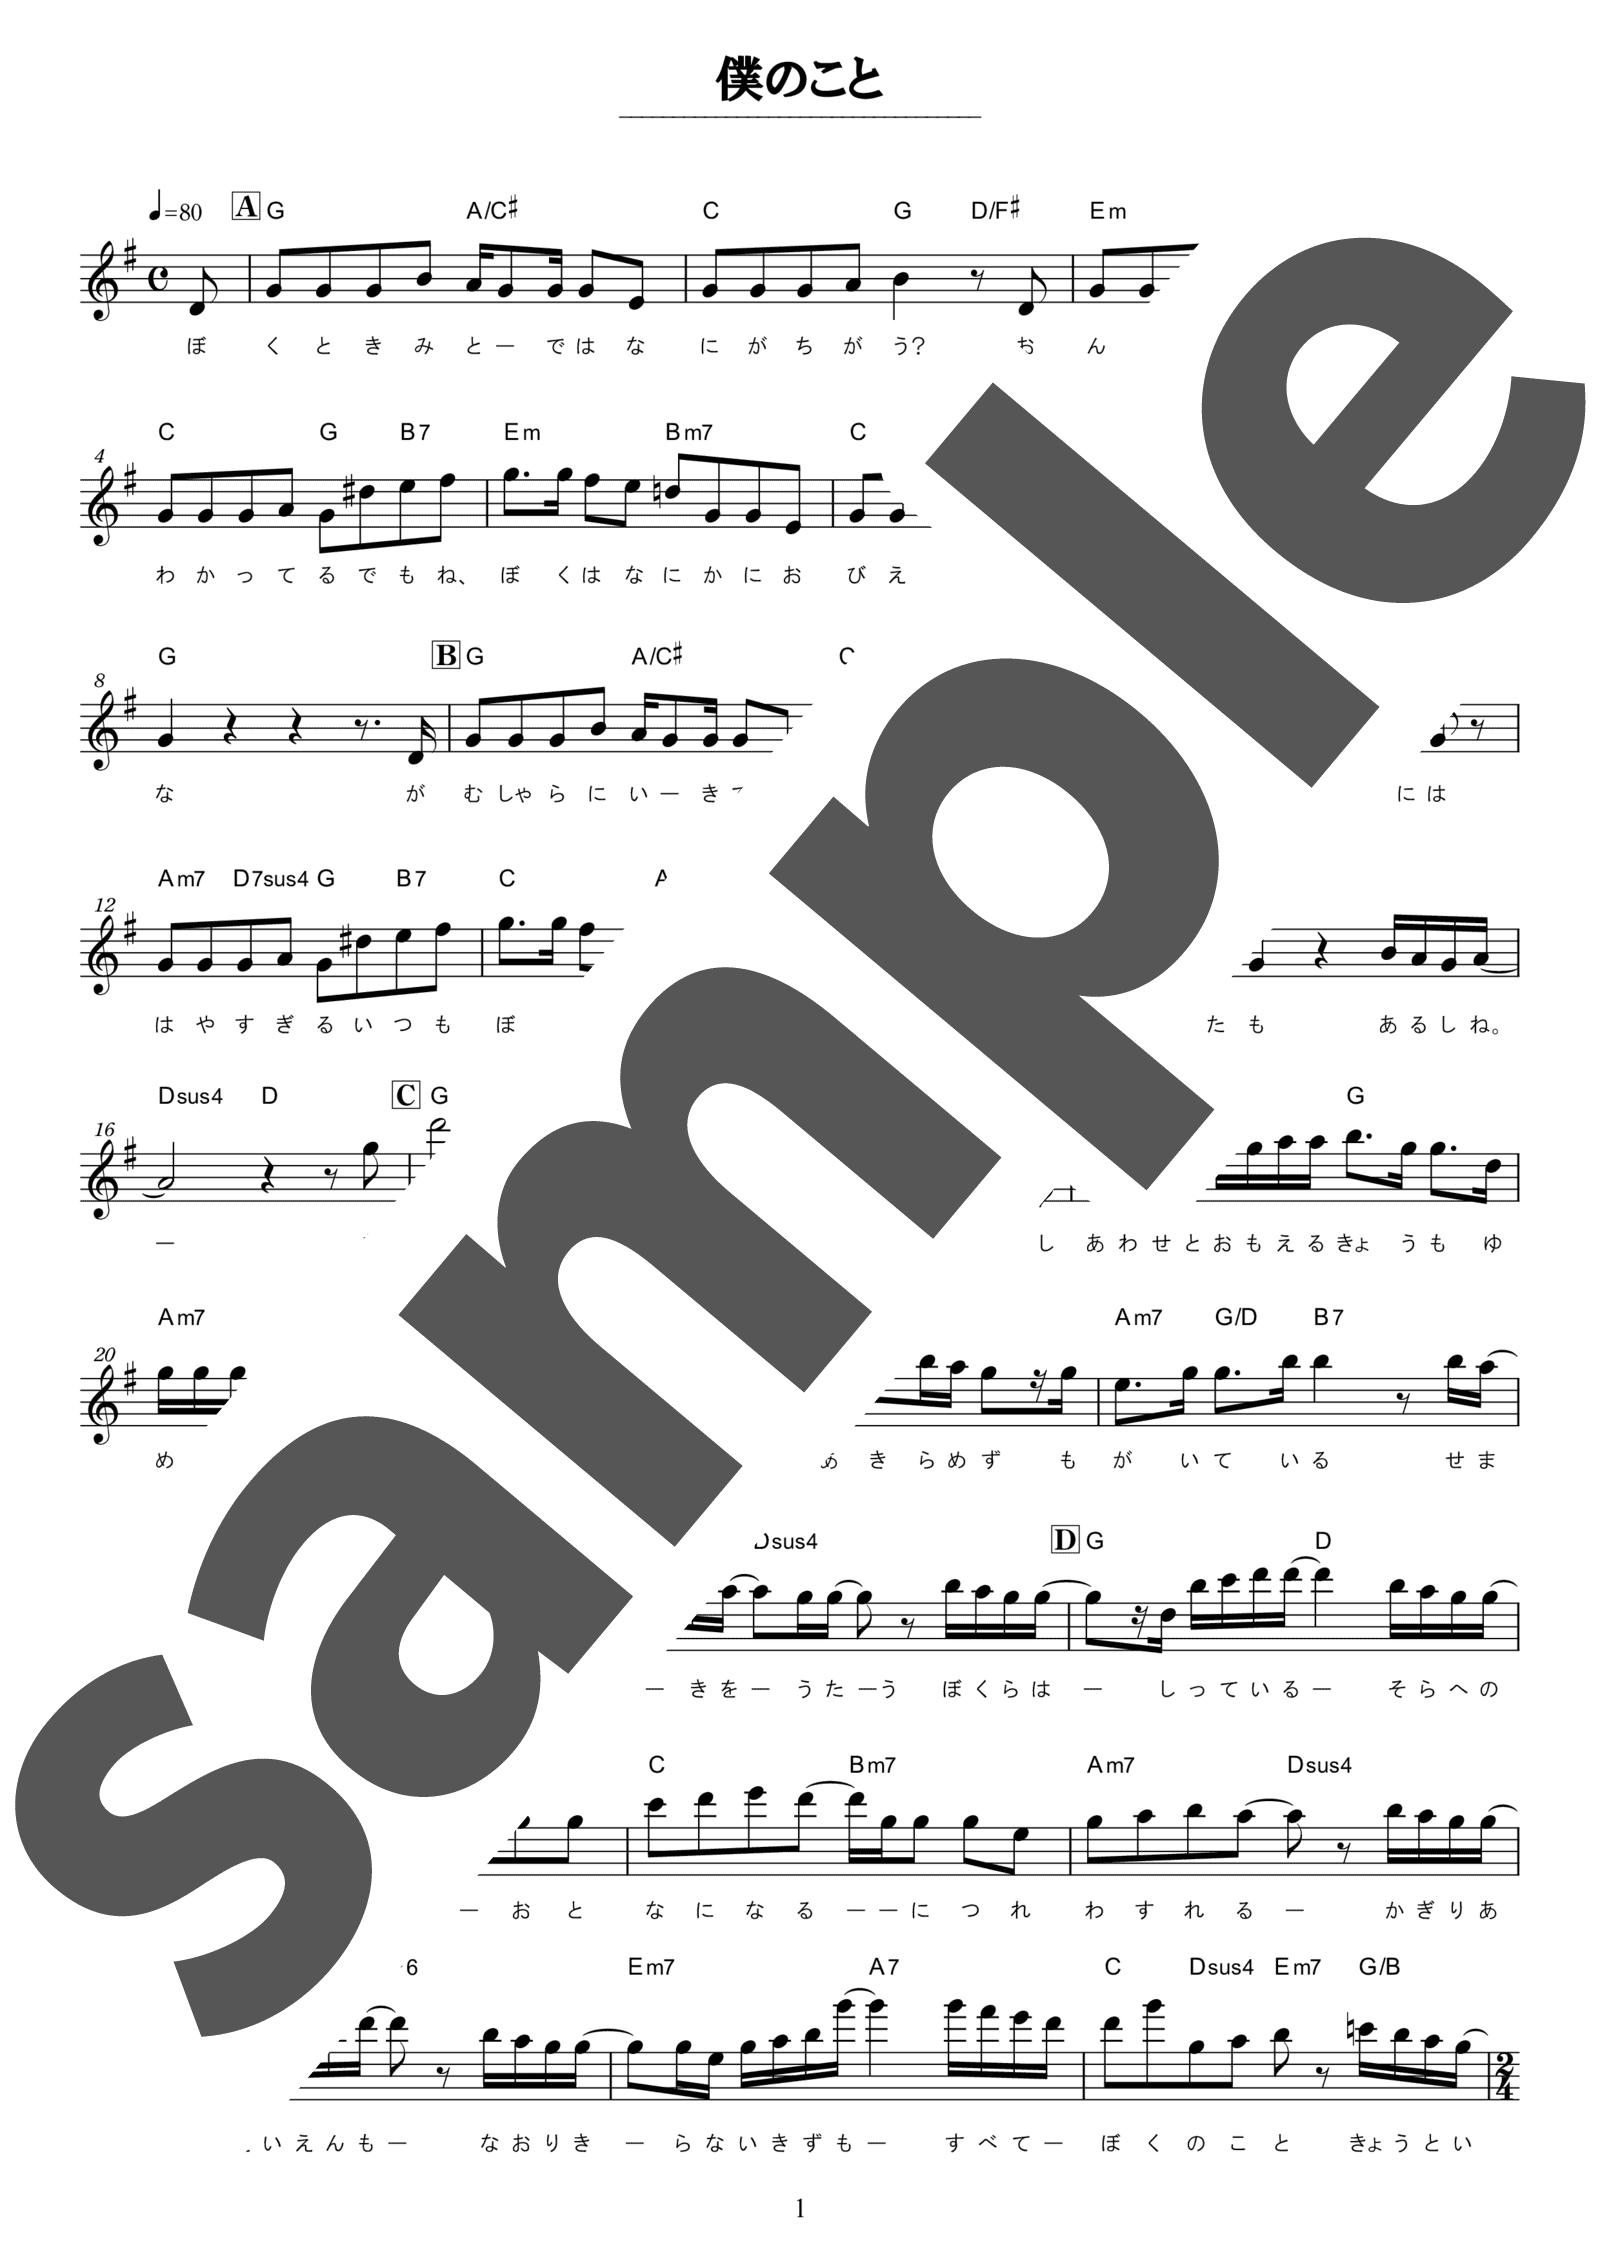 「僕のこと」のサンプル楽譜